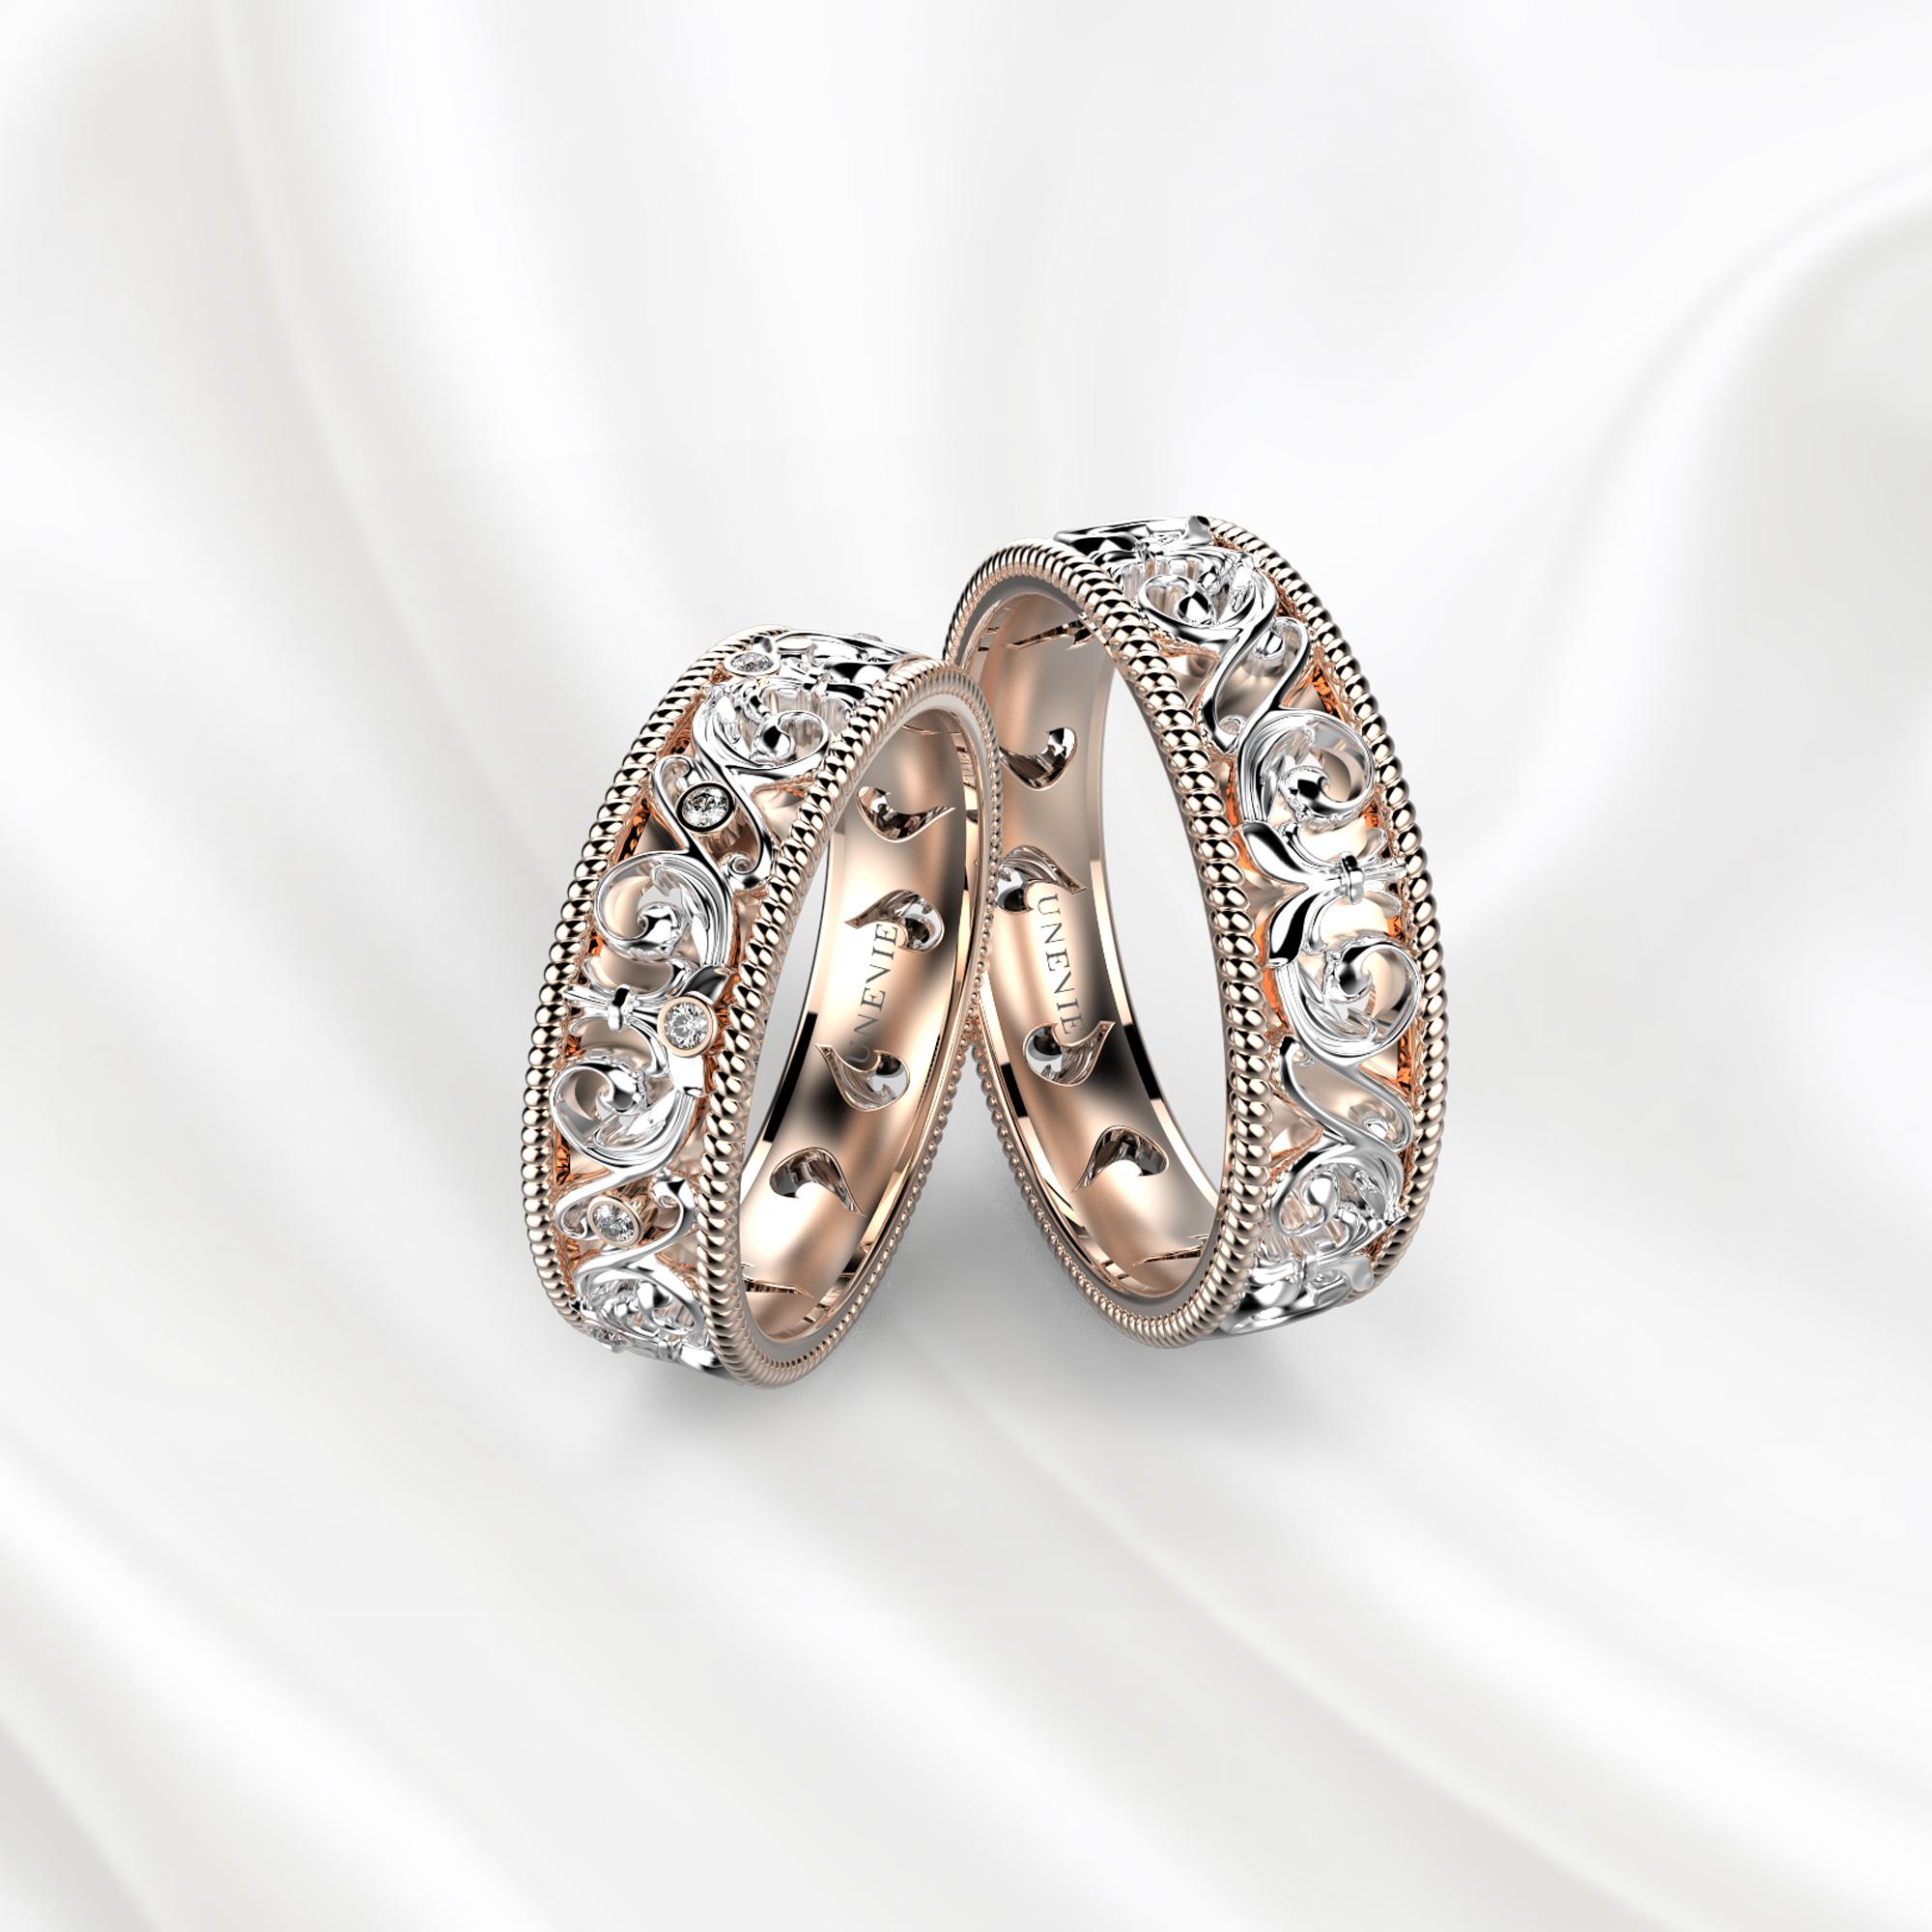 NV28 Обручальные кольца из розово-белого золота с бриллиантами